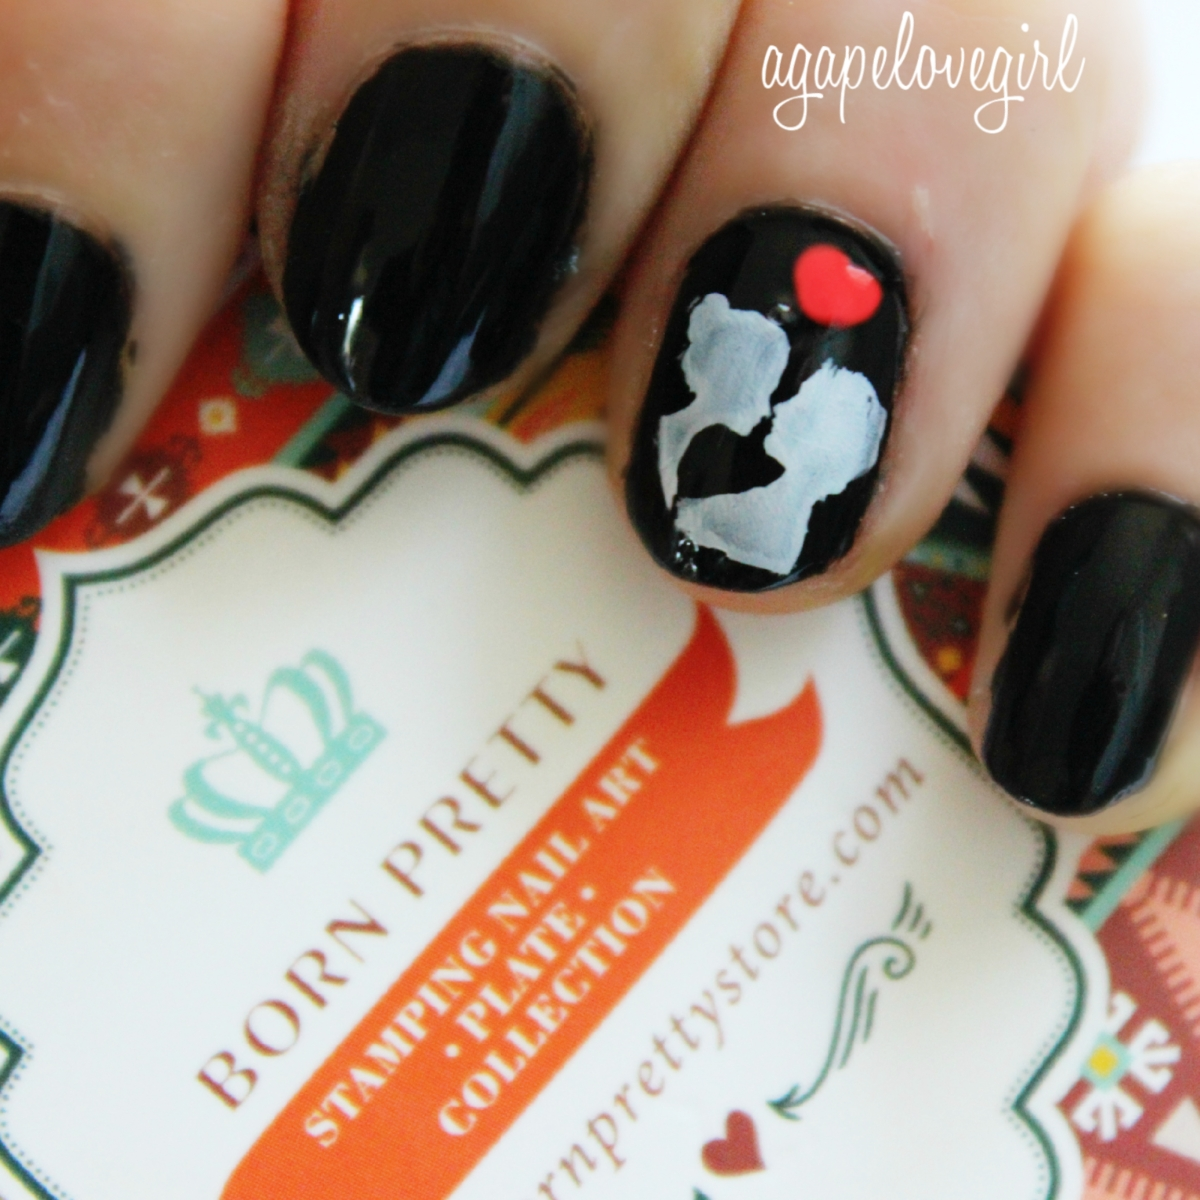 Agape Love Designs: Cameo Silhouette Nails + Born Pretty Store Discount